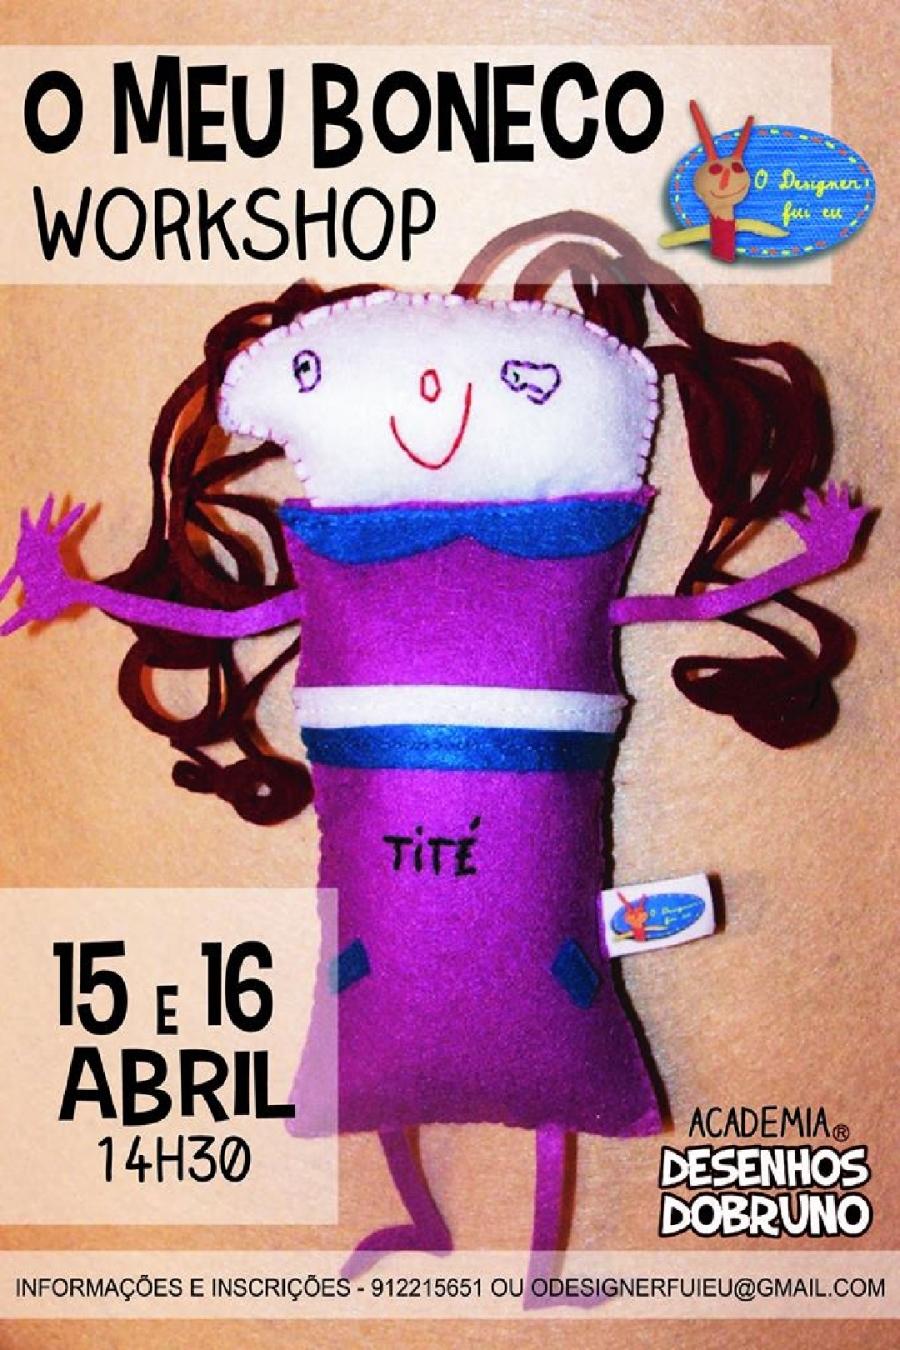 Workshop 'O meu Boneco'